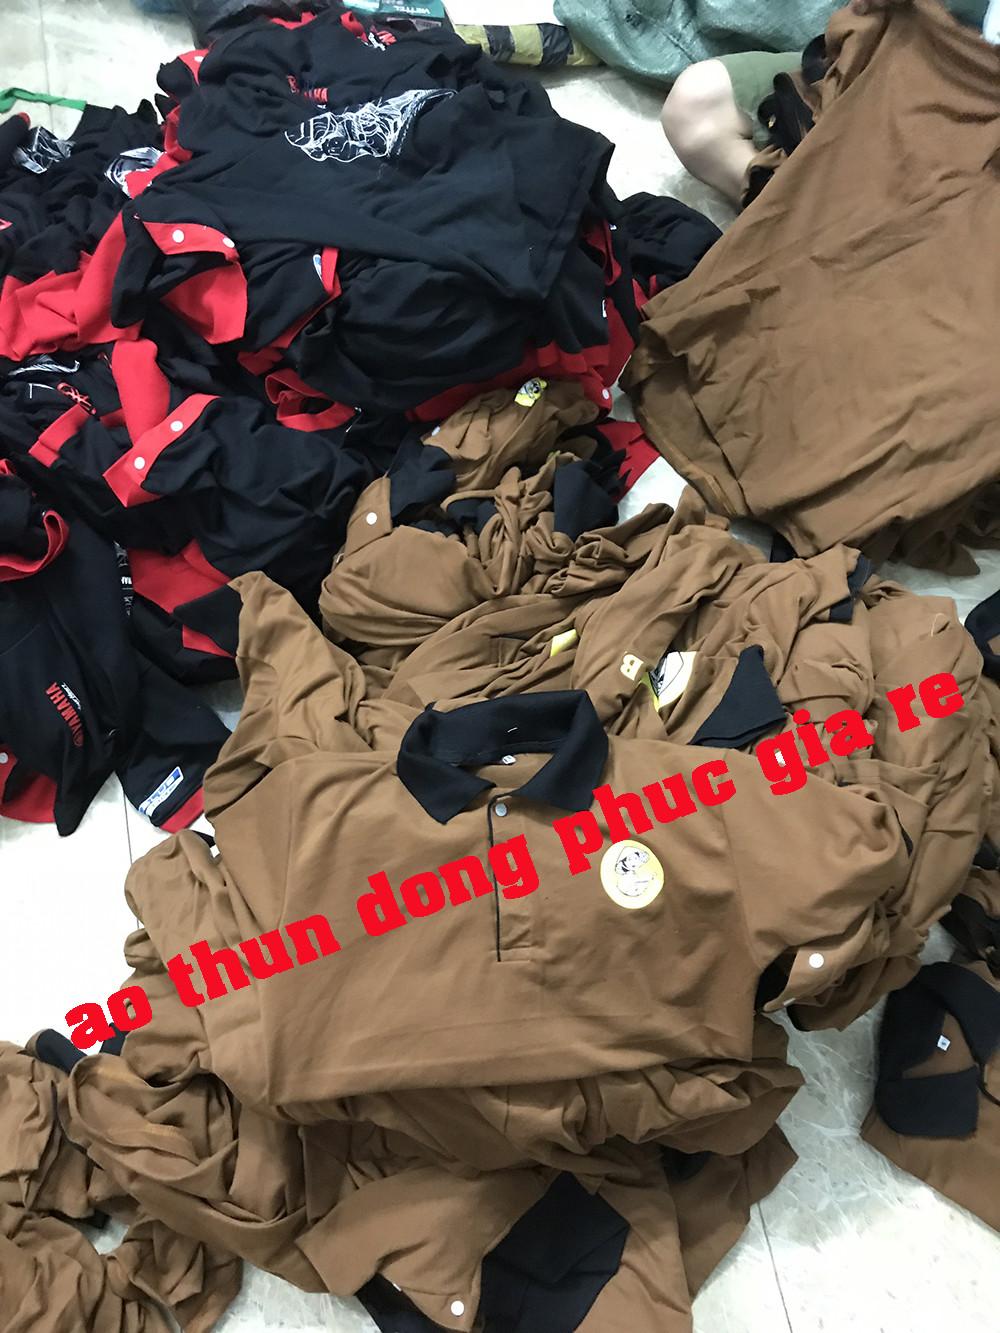 Địa chỉ may áo thun đồng phục quán ăn, áo thun đồng phục quán cafe uy tín